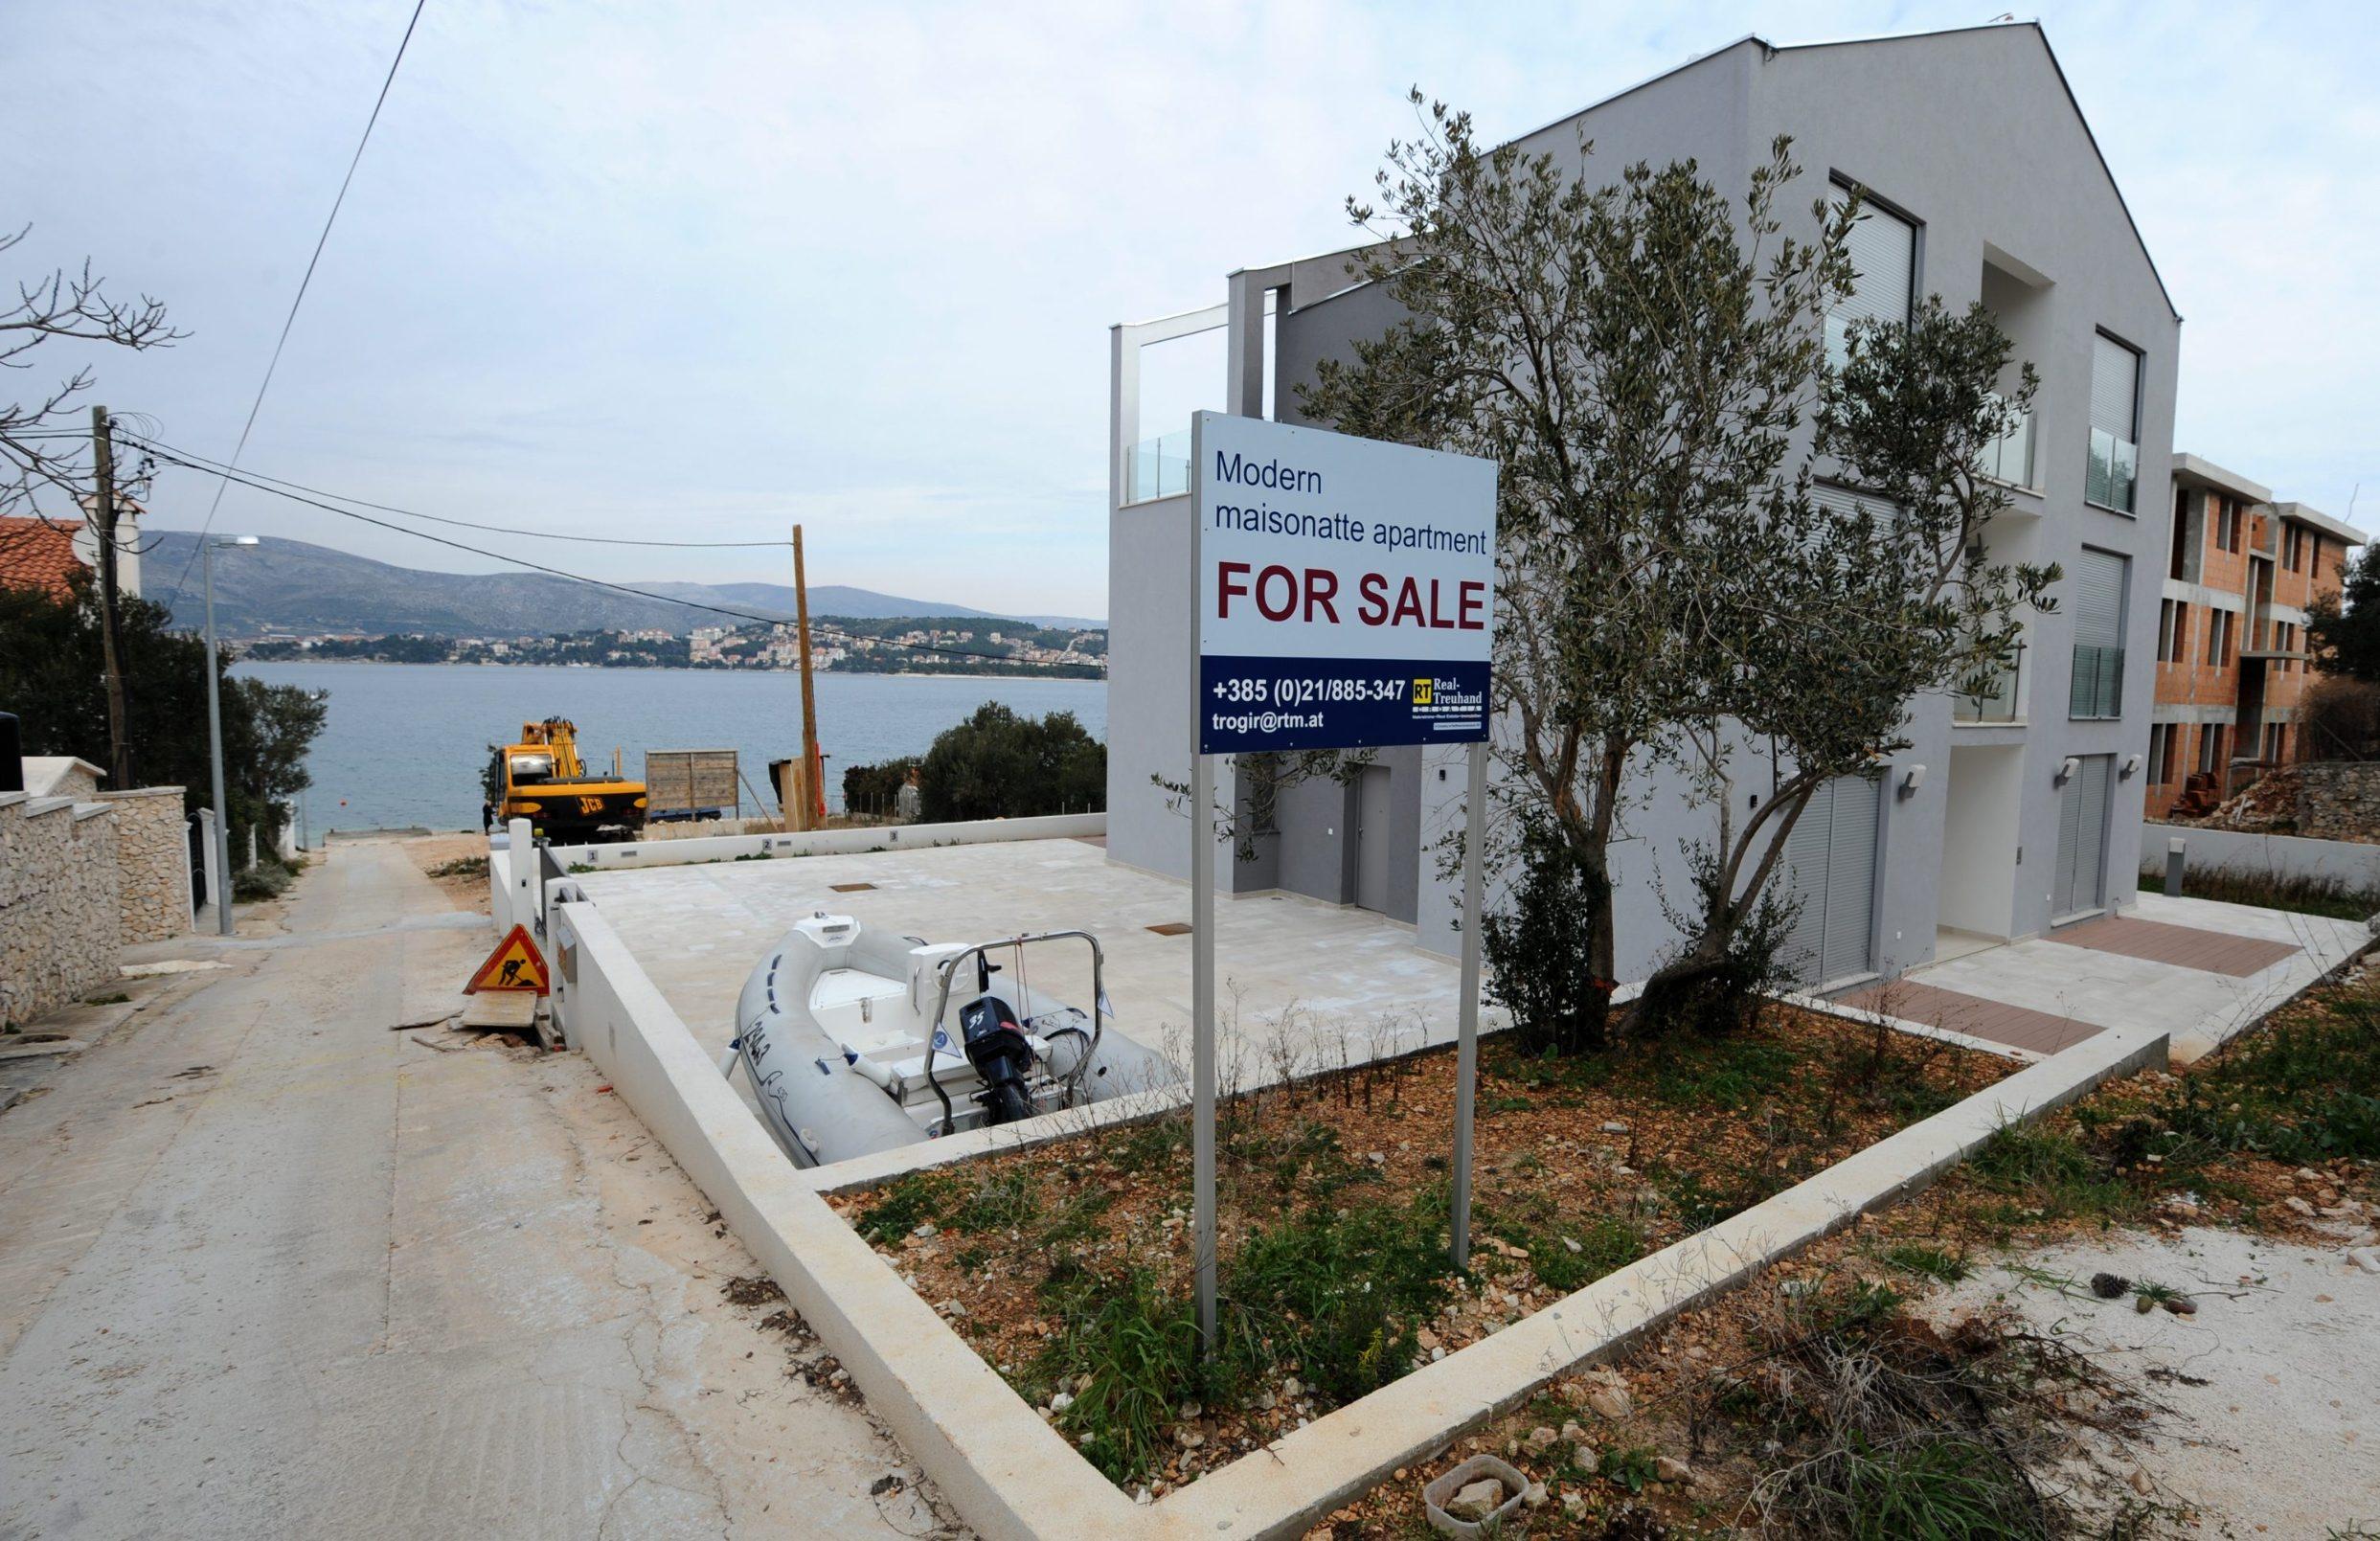 Split, 310112. Ulaskom u EU kupovina nekretnina za strance znatno je izmjenjena pa je tako vec u Okrugu kod Trogira doslo do preinaka u opcinskim odredbama. Tako su neke kuce vec krenule s izmjenama dokumentacije a neke se vec planiraju graditi po novim uvjetima. Na slici zgrada i zemljiste na kojem su kucu izgradili norveski drzavljani. Foto: Paun Paunovic / CROPIX